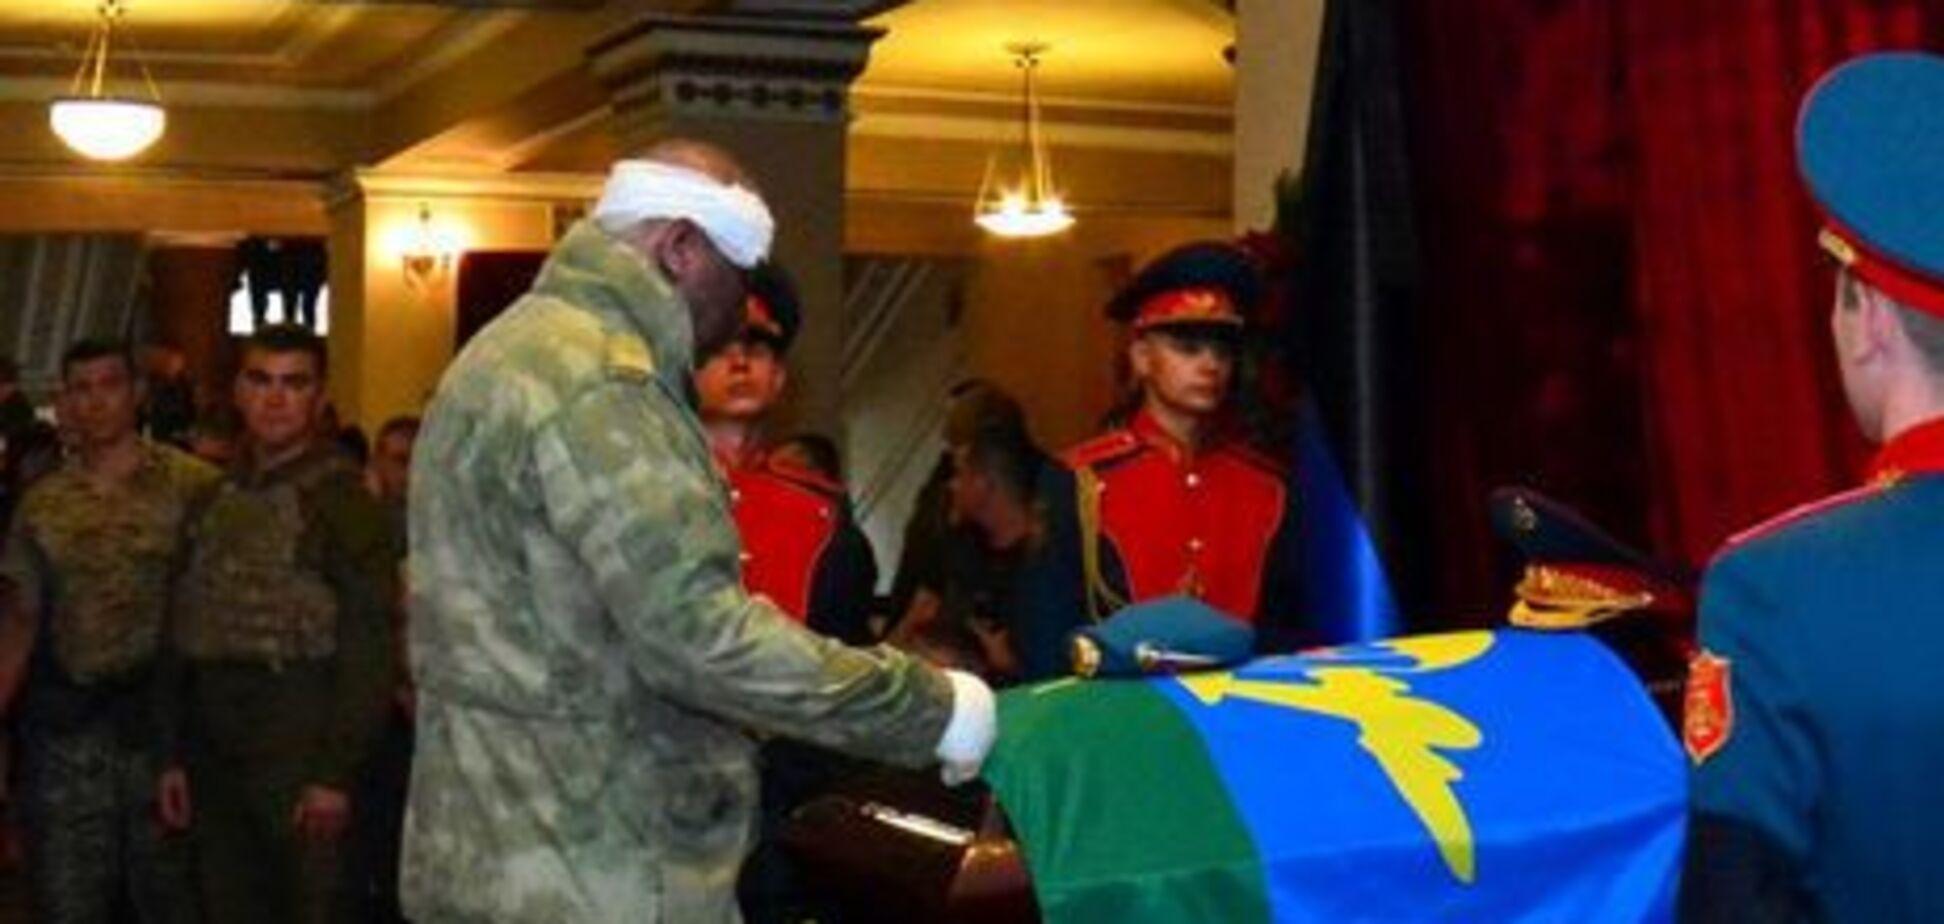 Захарченко жив? Украинцы не поверили в убийство главаря 'ДНР'